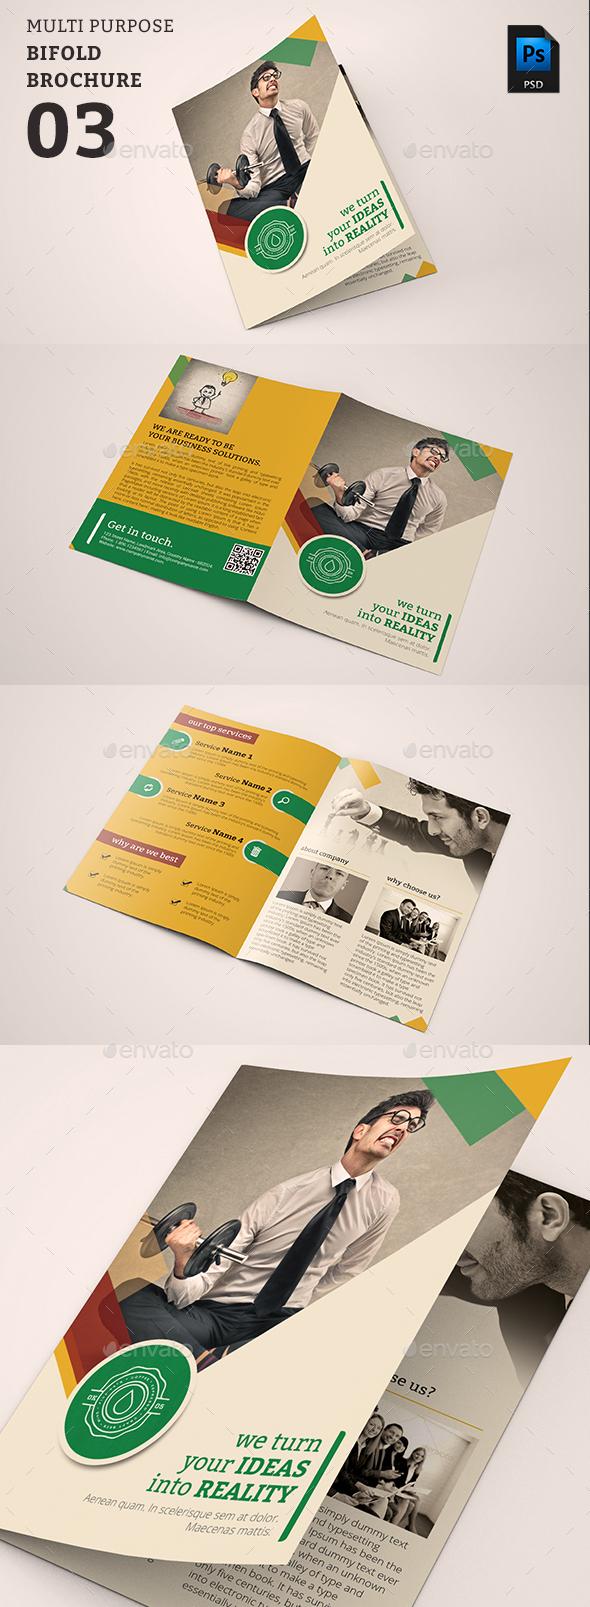 Bifold Brochure 03 - Corporate Brochures